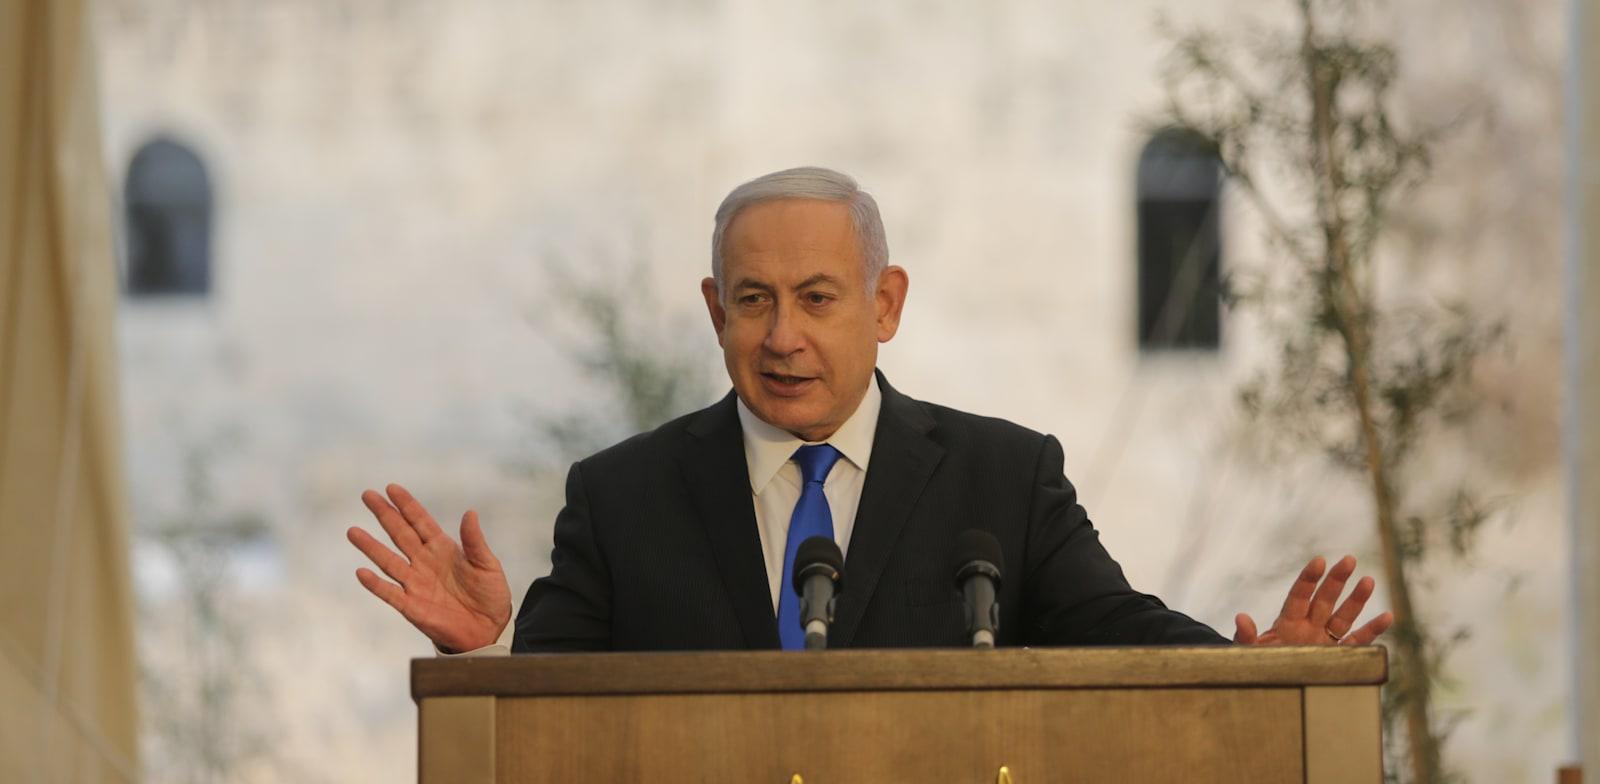 בנימין נתניהו + שרה נתניהו בטקס בחאן ירושלים / צילום: אלכס קולומויסקי-ידיעות אחרונות